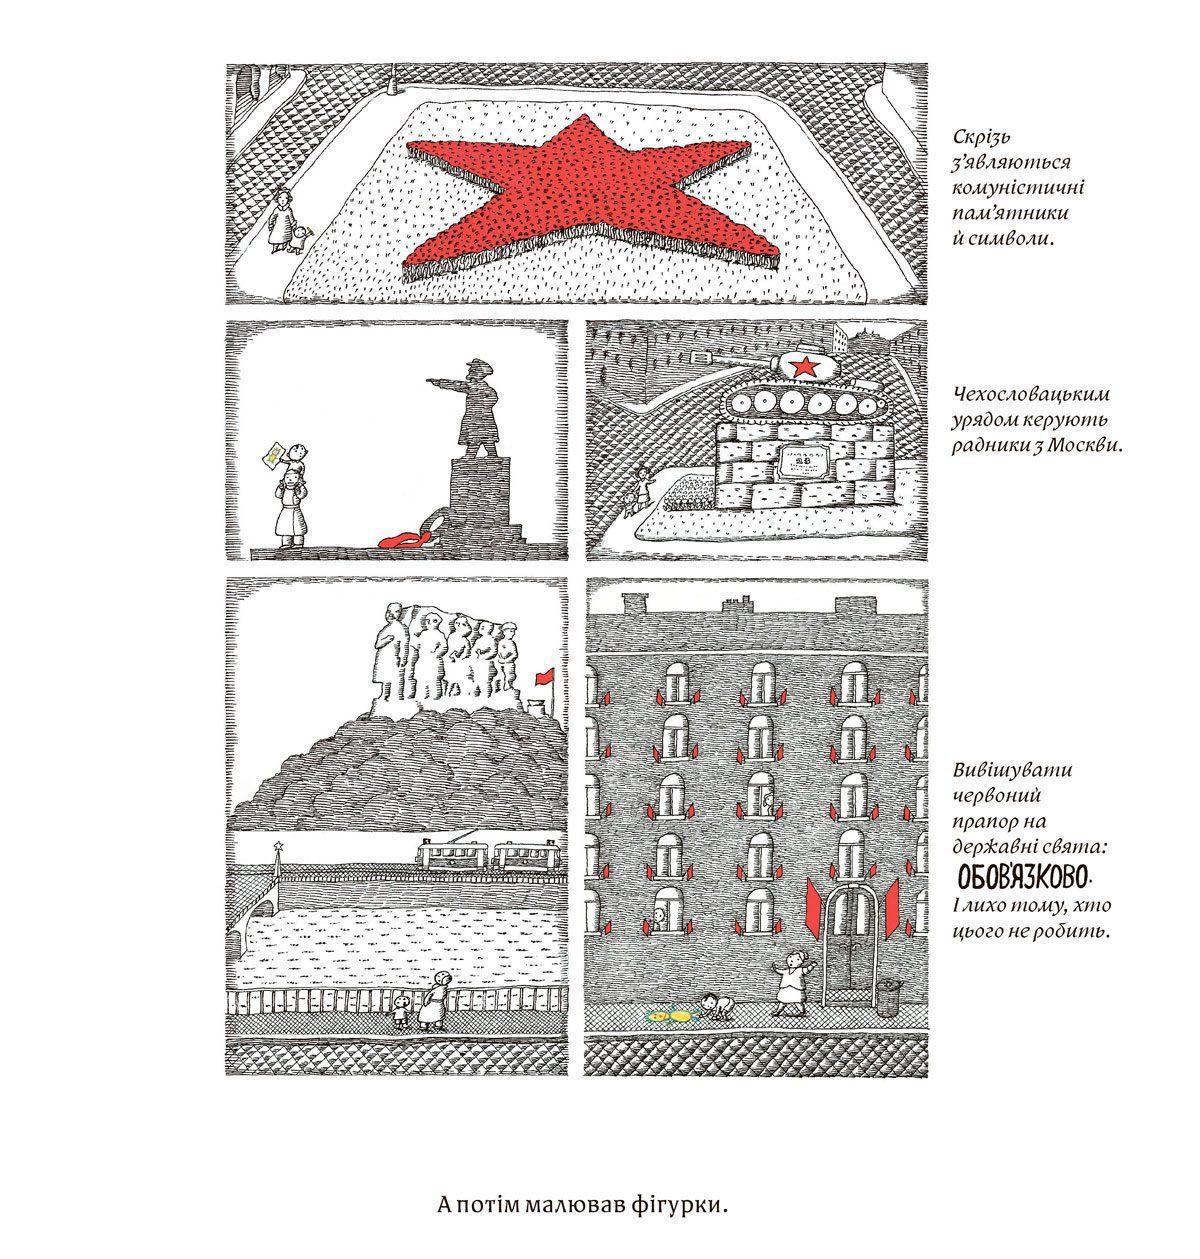 Stina BOOK 11 - «Це був час промивки мізків». Уривок із графічної новели «Стіна» - Заборона